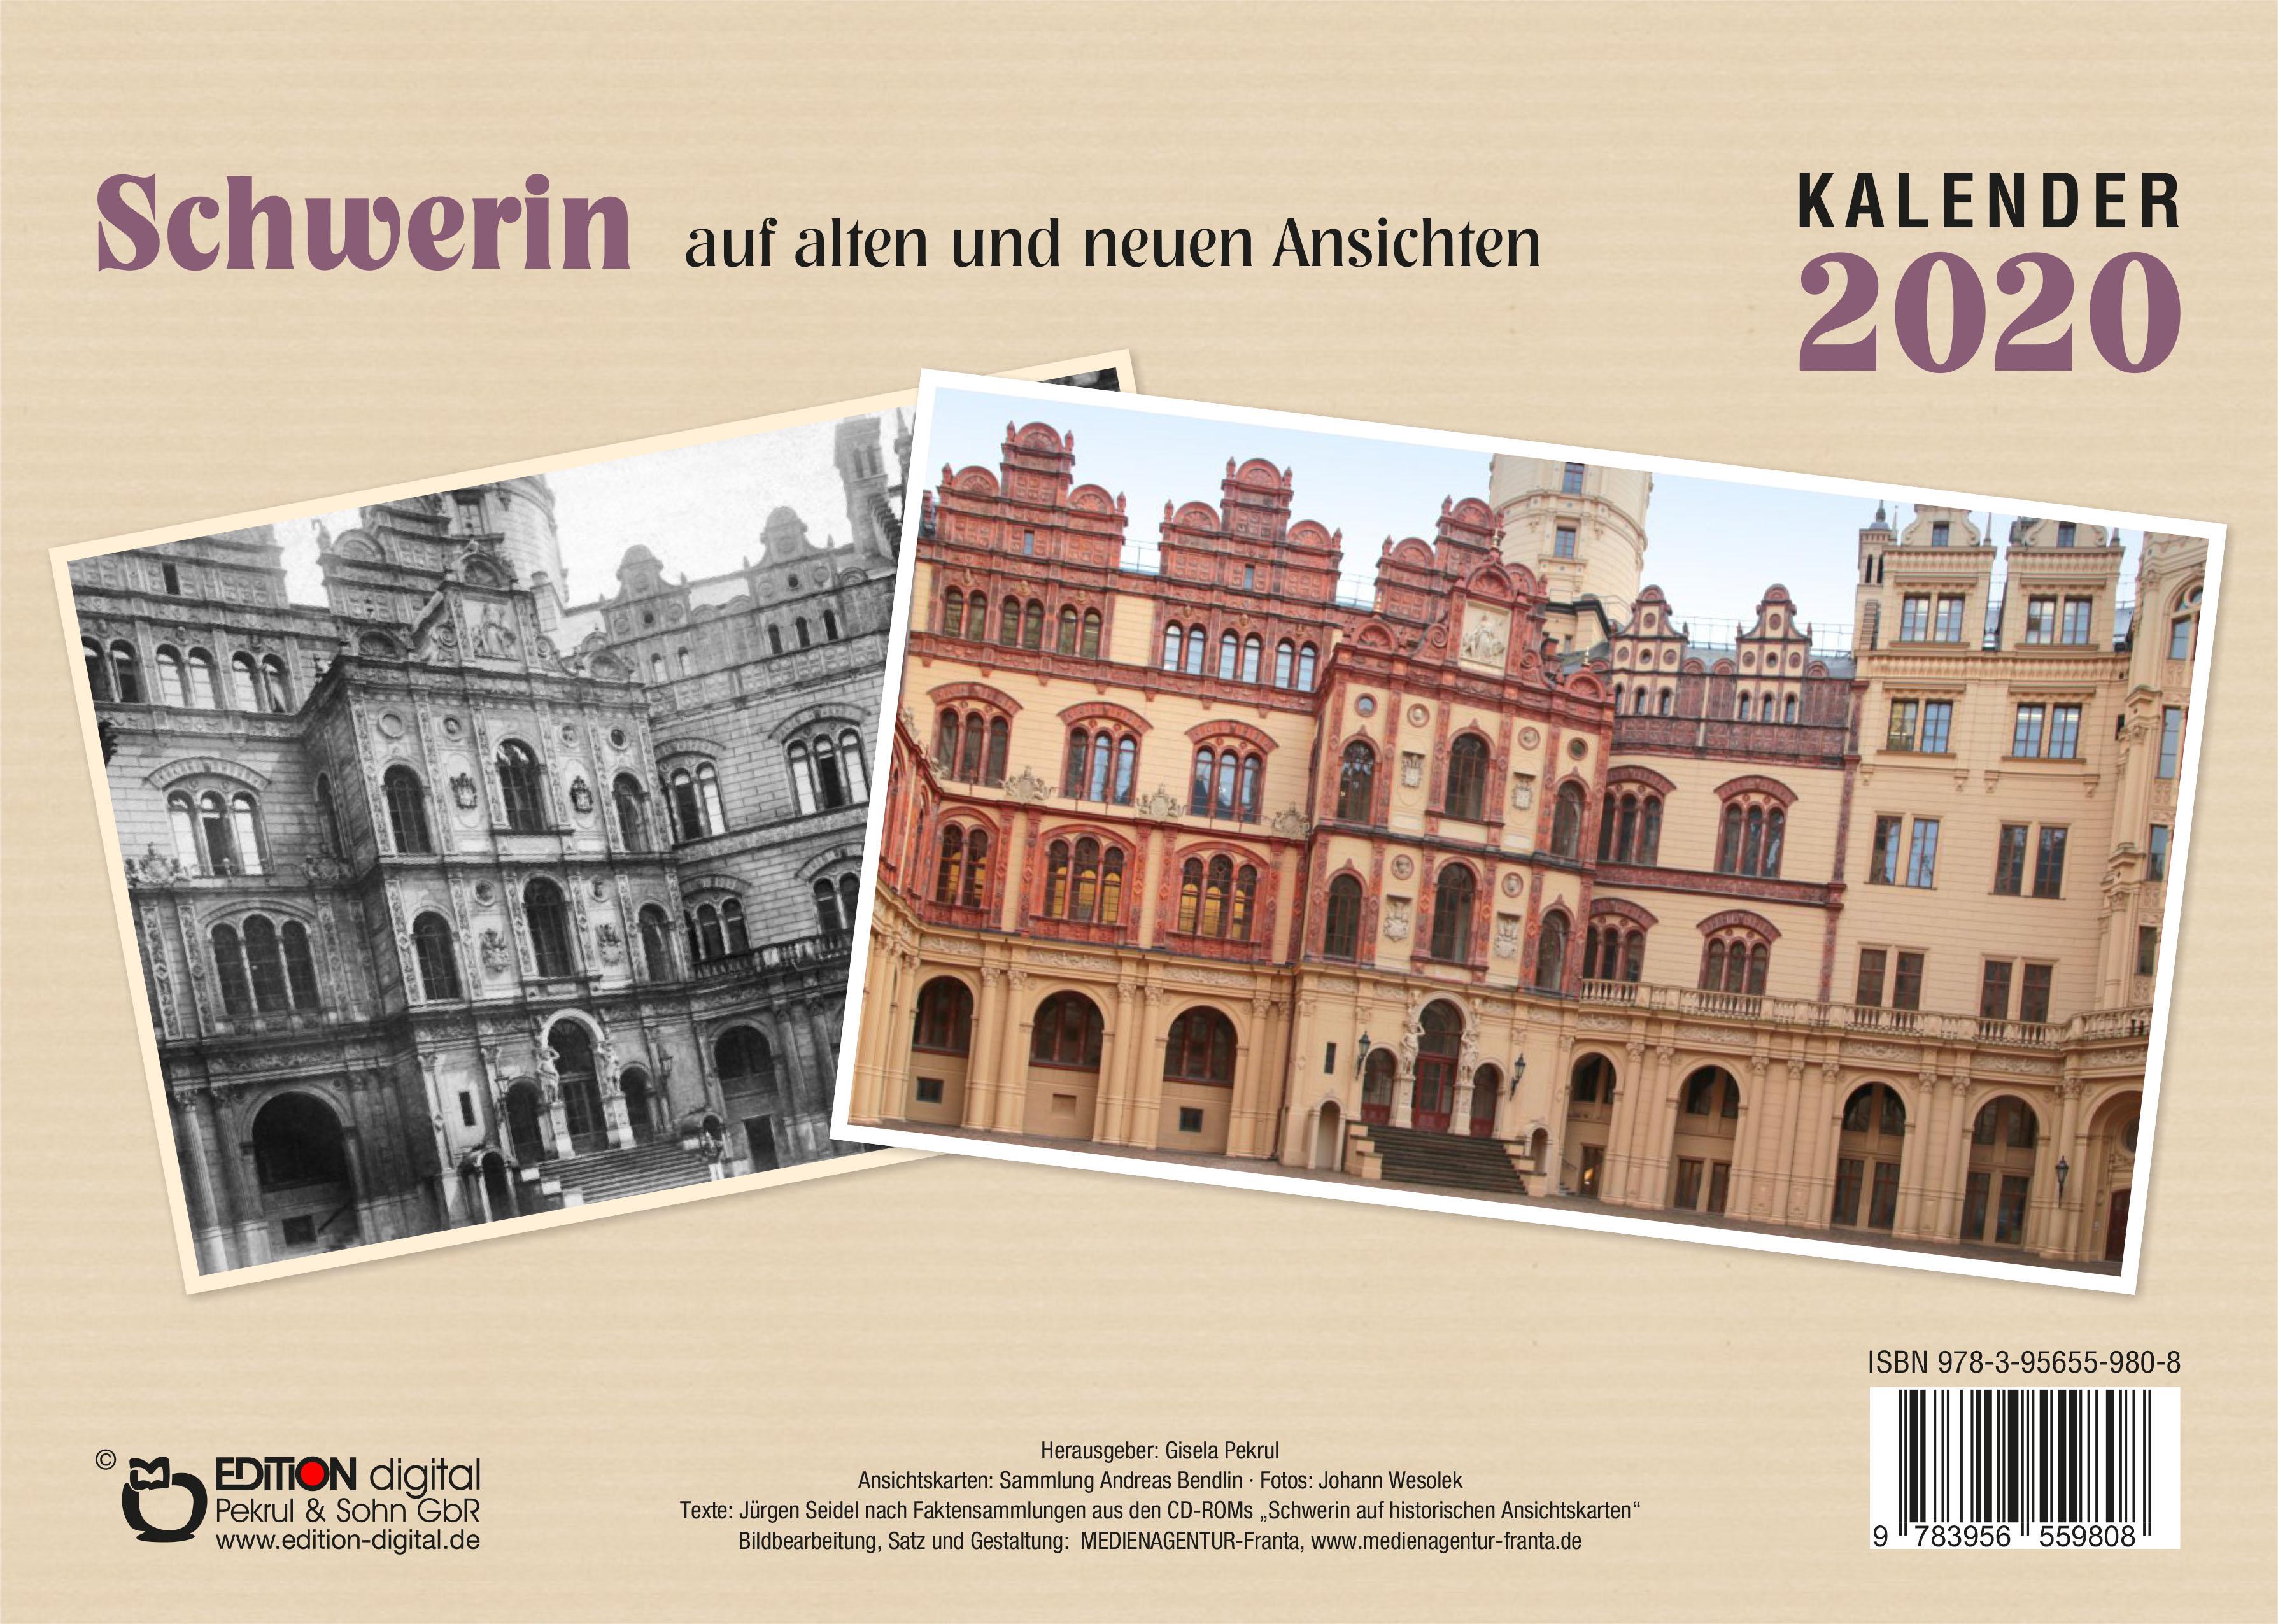 Kalender 2020: Schwerin auf alten und neuen Ansichten von Gisela Pekrul